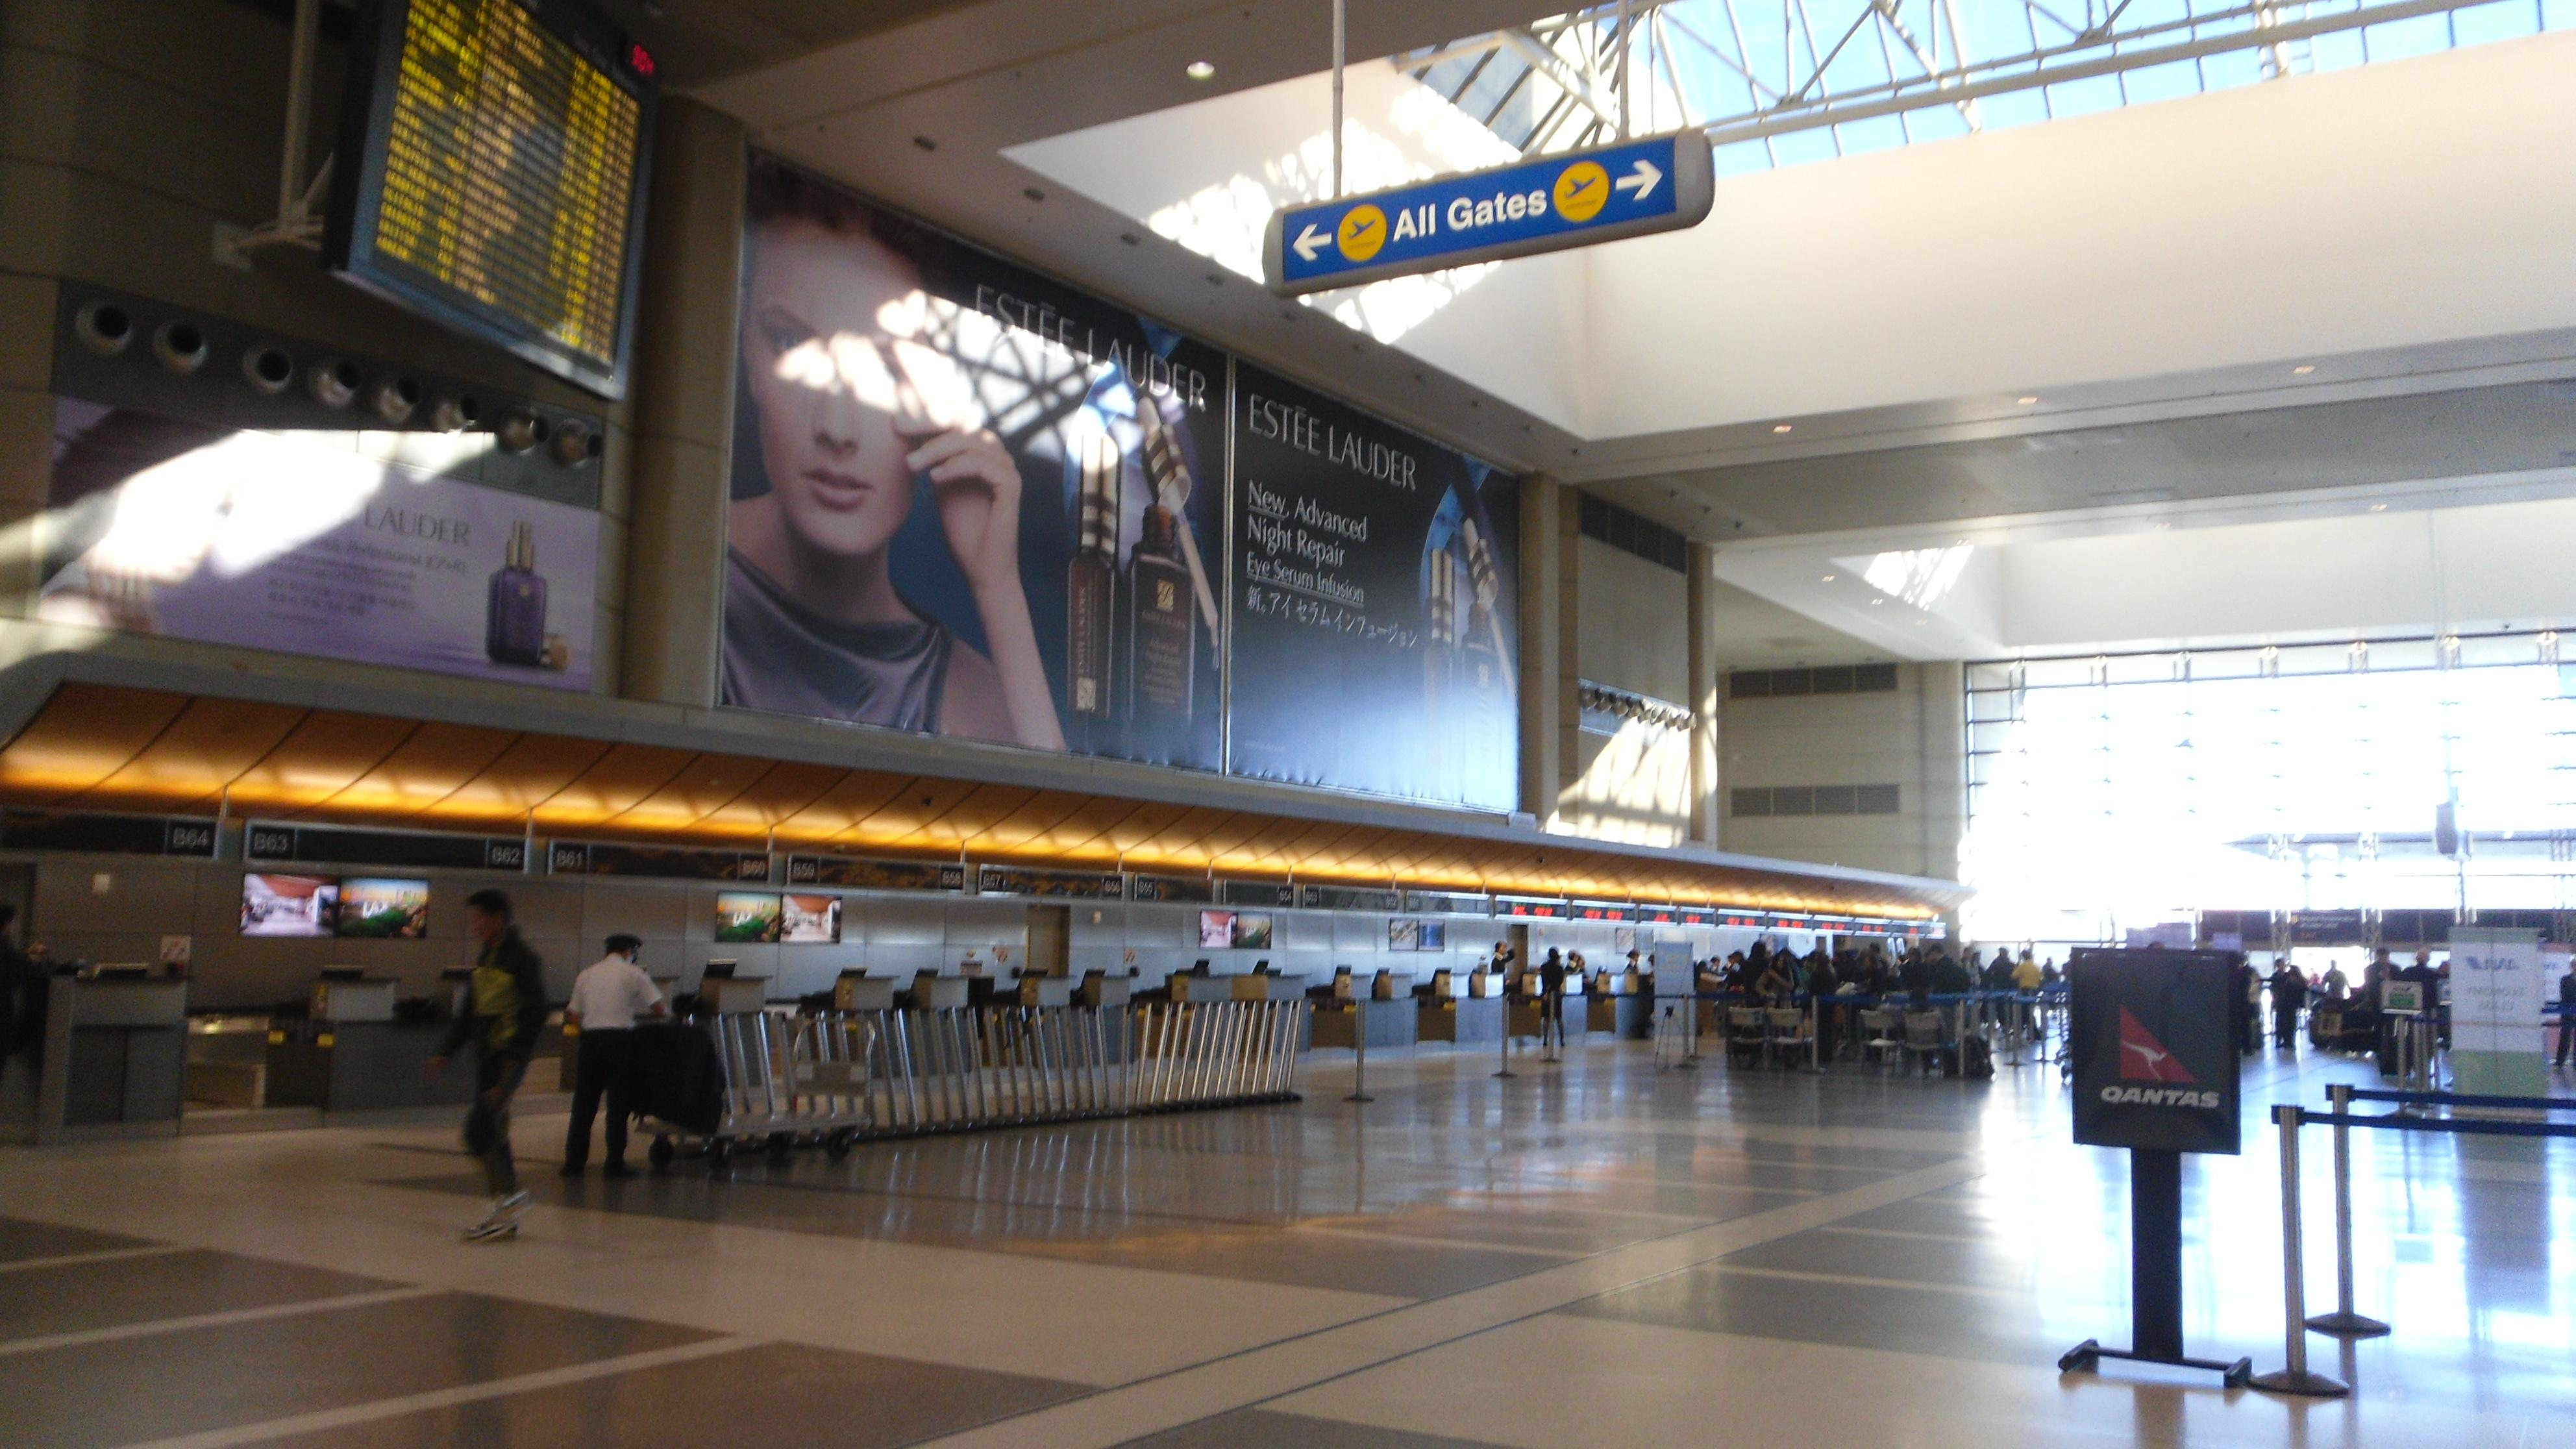 El escáner del aeropuerto